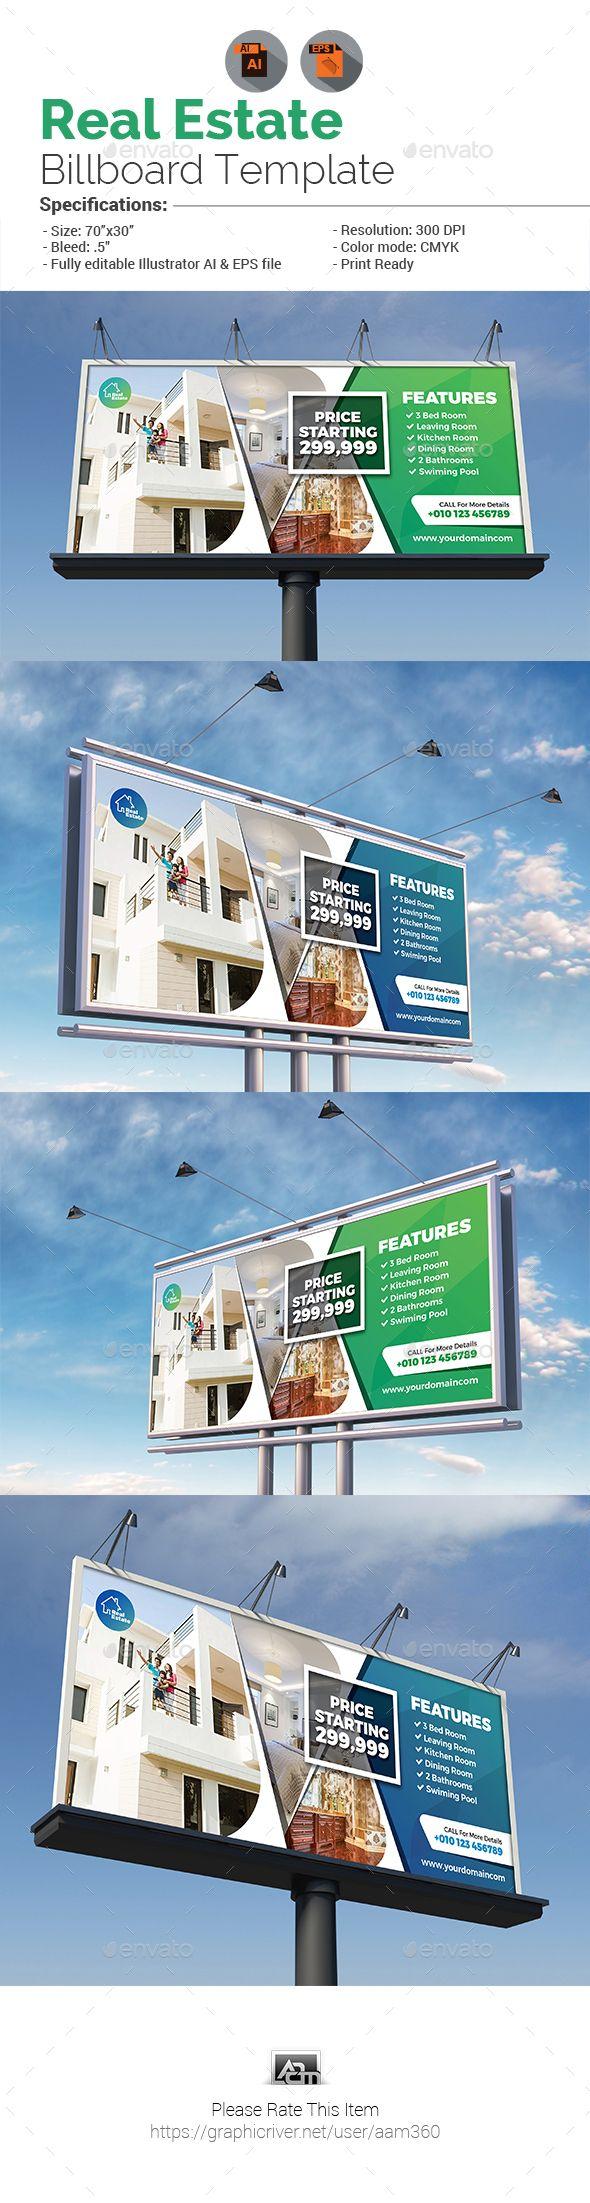 Real estate billboard design samples - Best 10 Real Estate Information Ideas On Pinterest Real Estate Tips Real Estate Uk And Dfw Real Estate